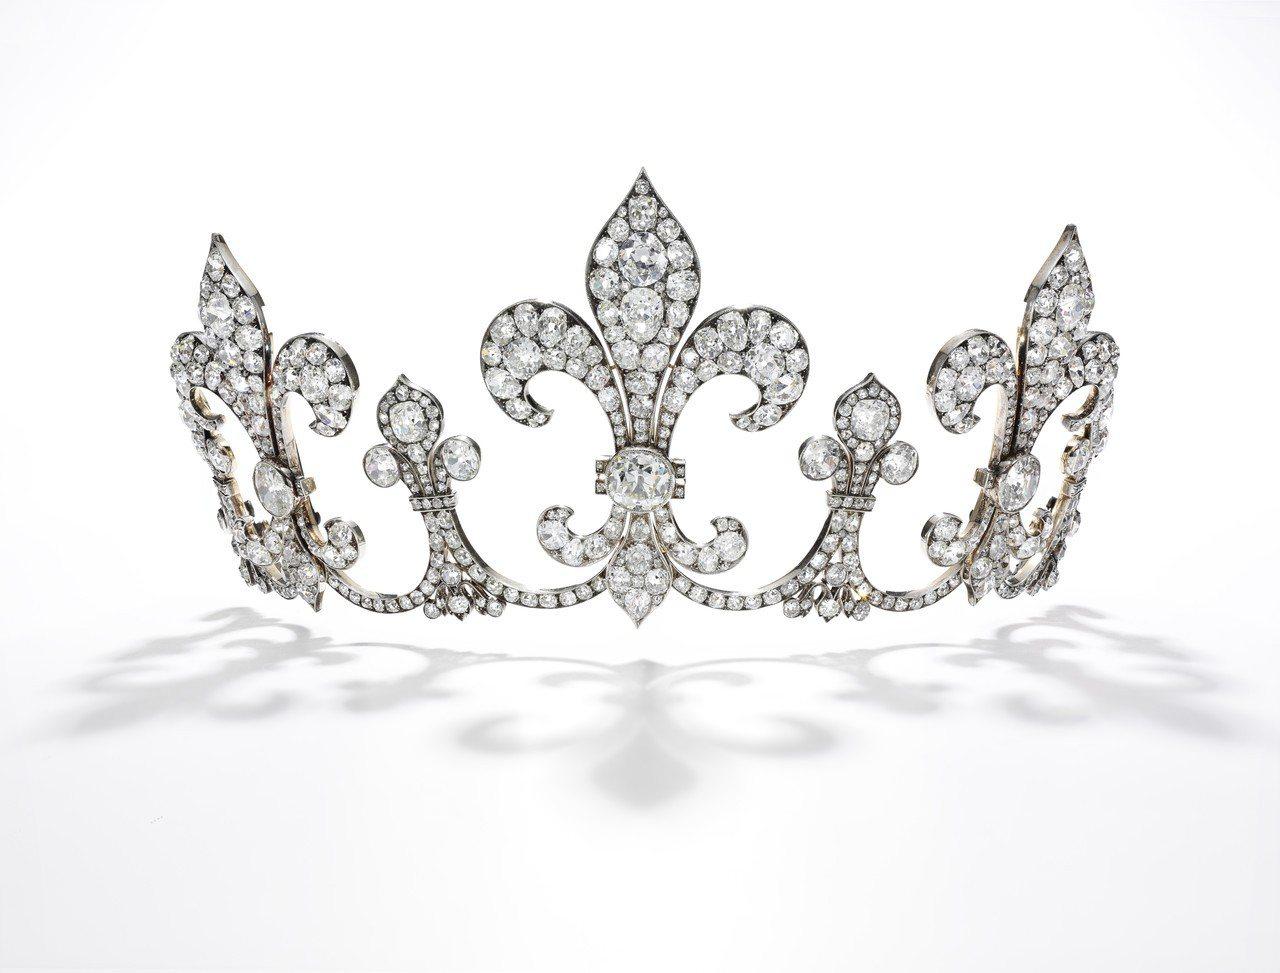 從法國國王及波旁王朝統治者查理十世的騎士團胸針上取出的寶時重新打造的冠鑽石冠冕,...